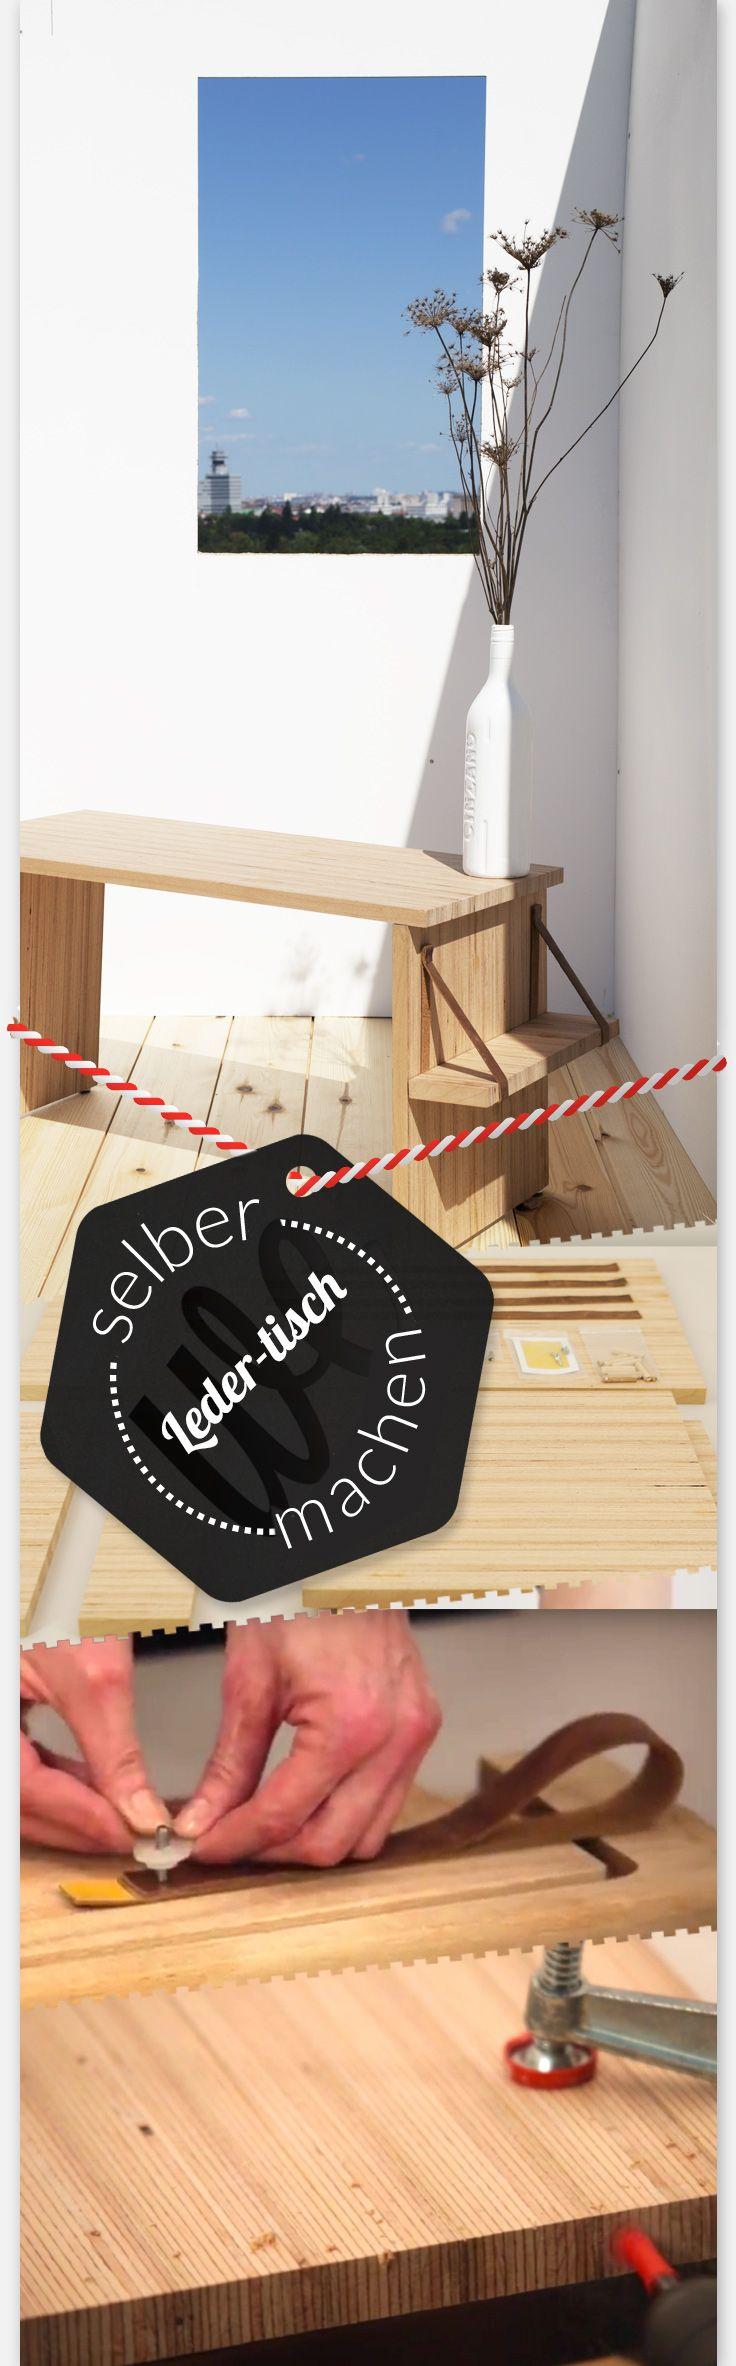 SCHNIEKE – Das Möbel-Gericht für Elegante: DIY Couchtisch aus hochwertigem Holz und Lederriemen. Ganz einfach zum nachbauen mit Schritt-für-Schritt Videoanleitung. Alle Materialien bekommst Du als Bausatz nach Hause geliefert.  Selber bauen so einfach wie kochen! Jetzt bestellen